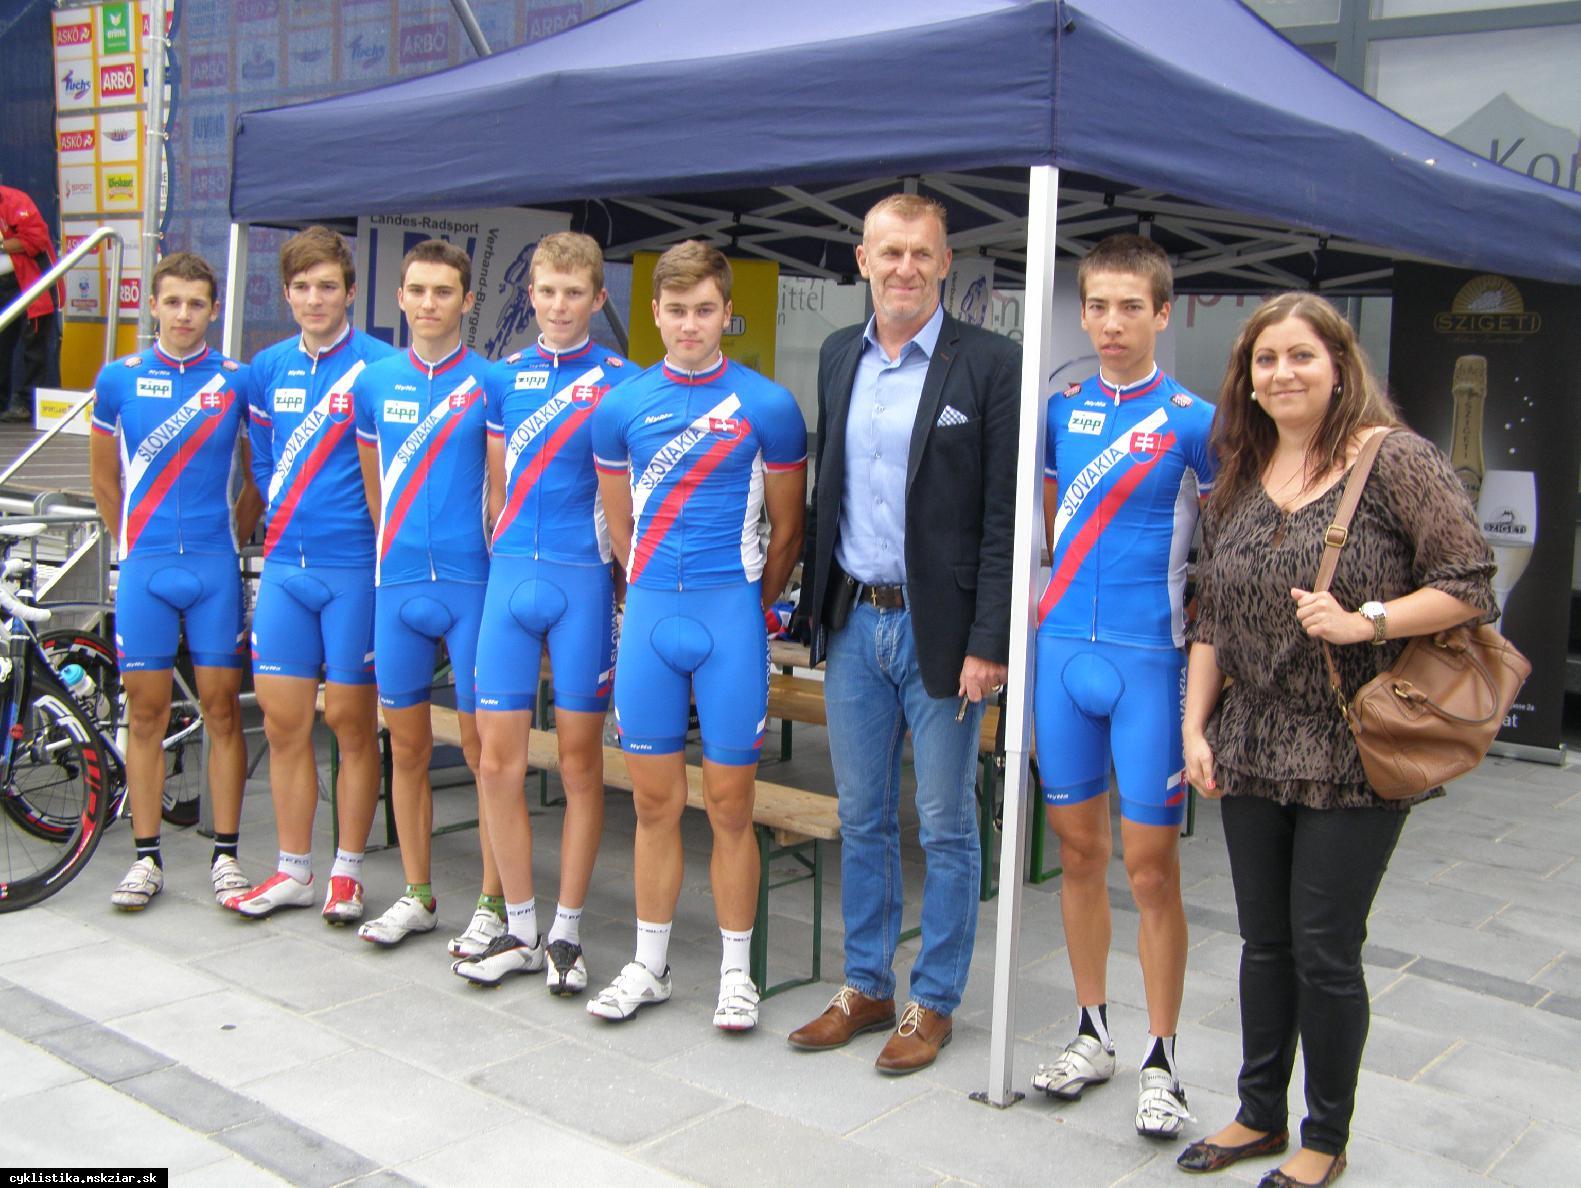 obr: Žiarski cyklisti na pretekoch v Rakúsku